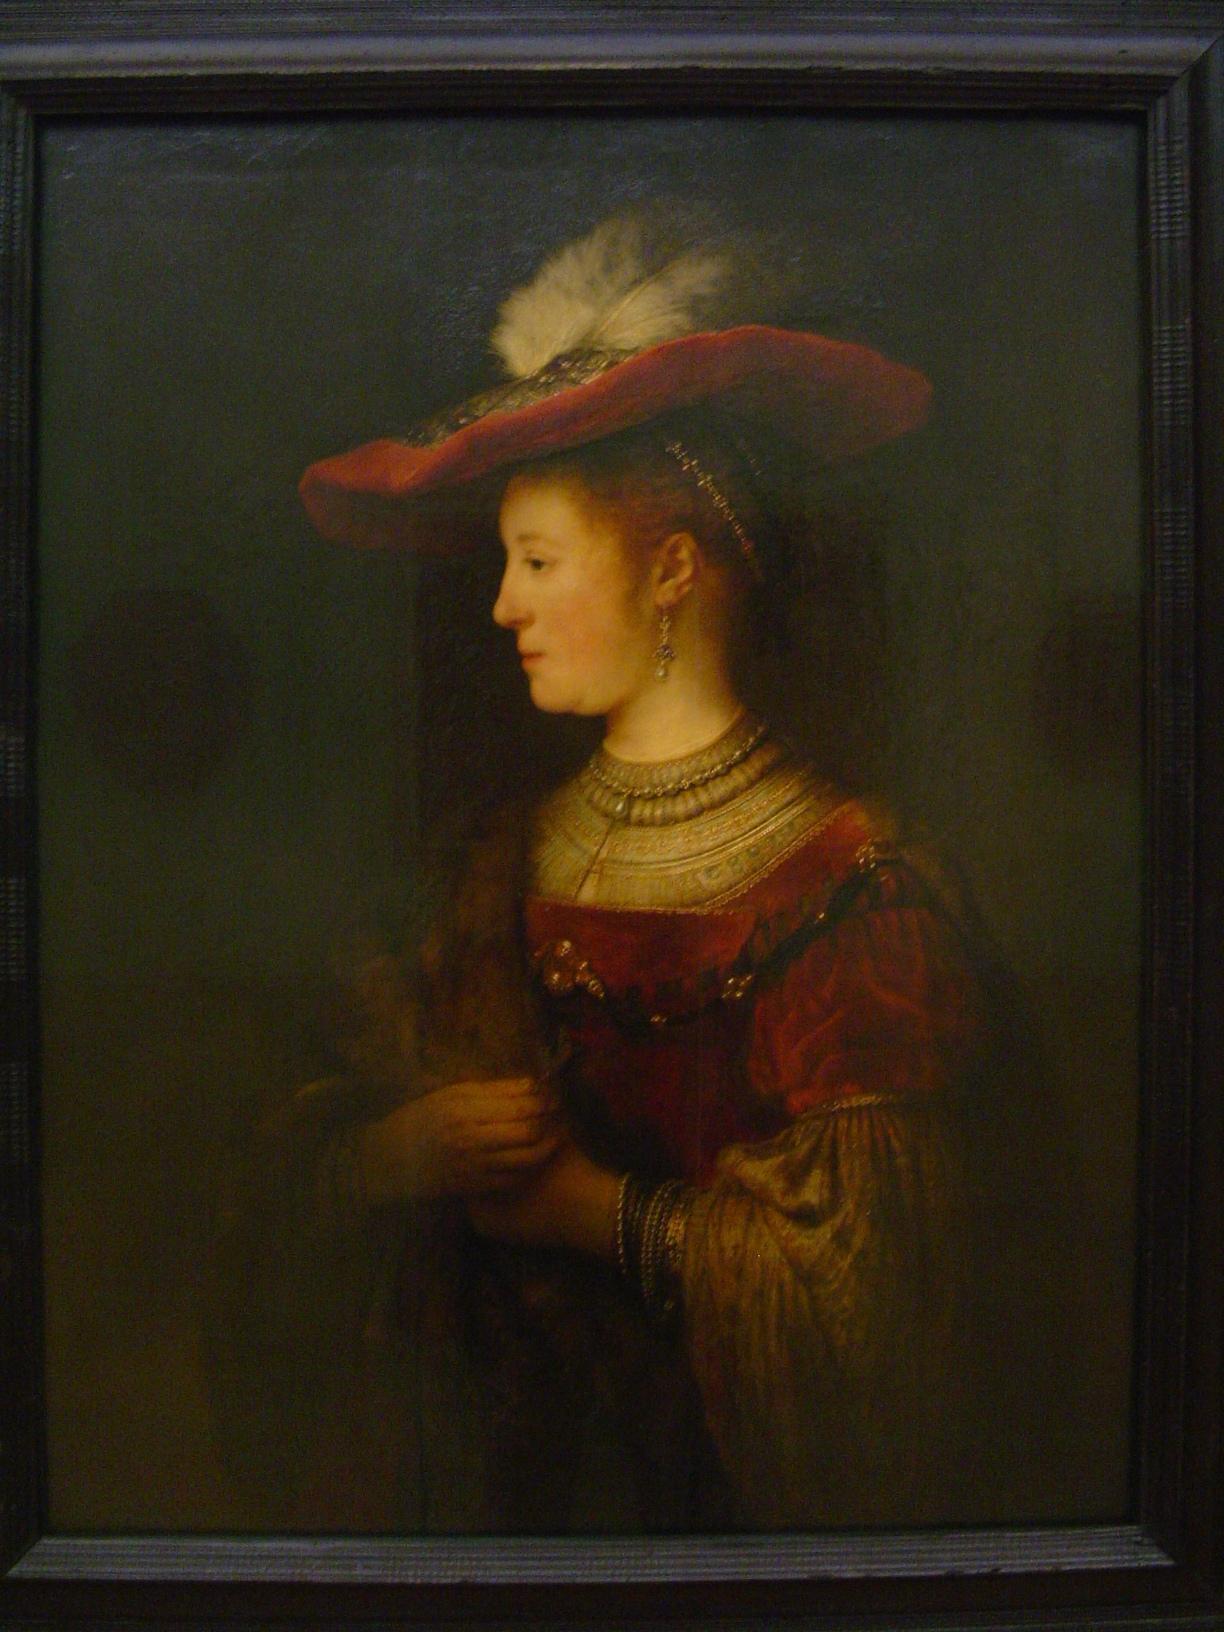 Saskia_von_Uylenburgh_im_Profil_(Rembrandt)_3.jpeg